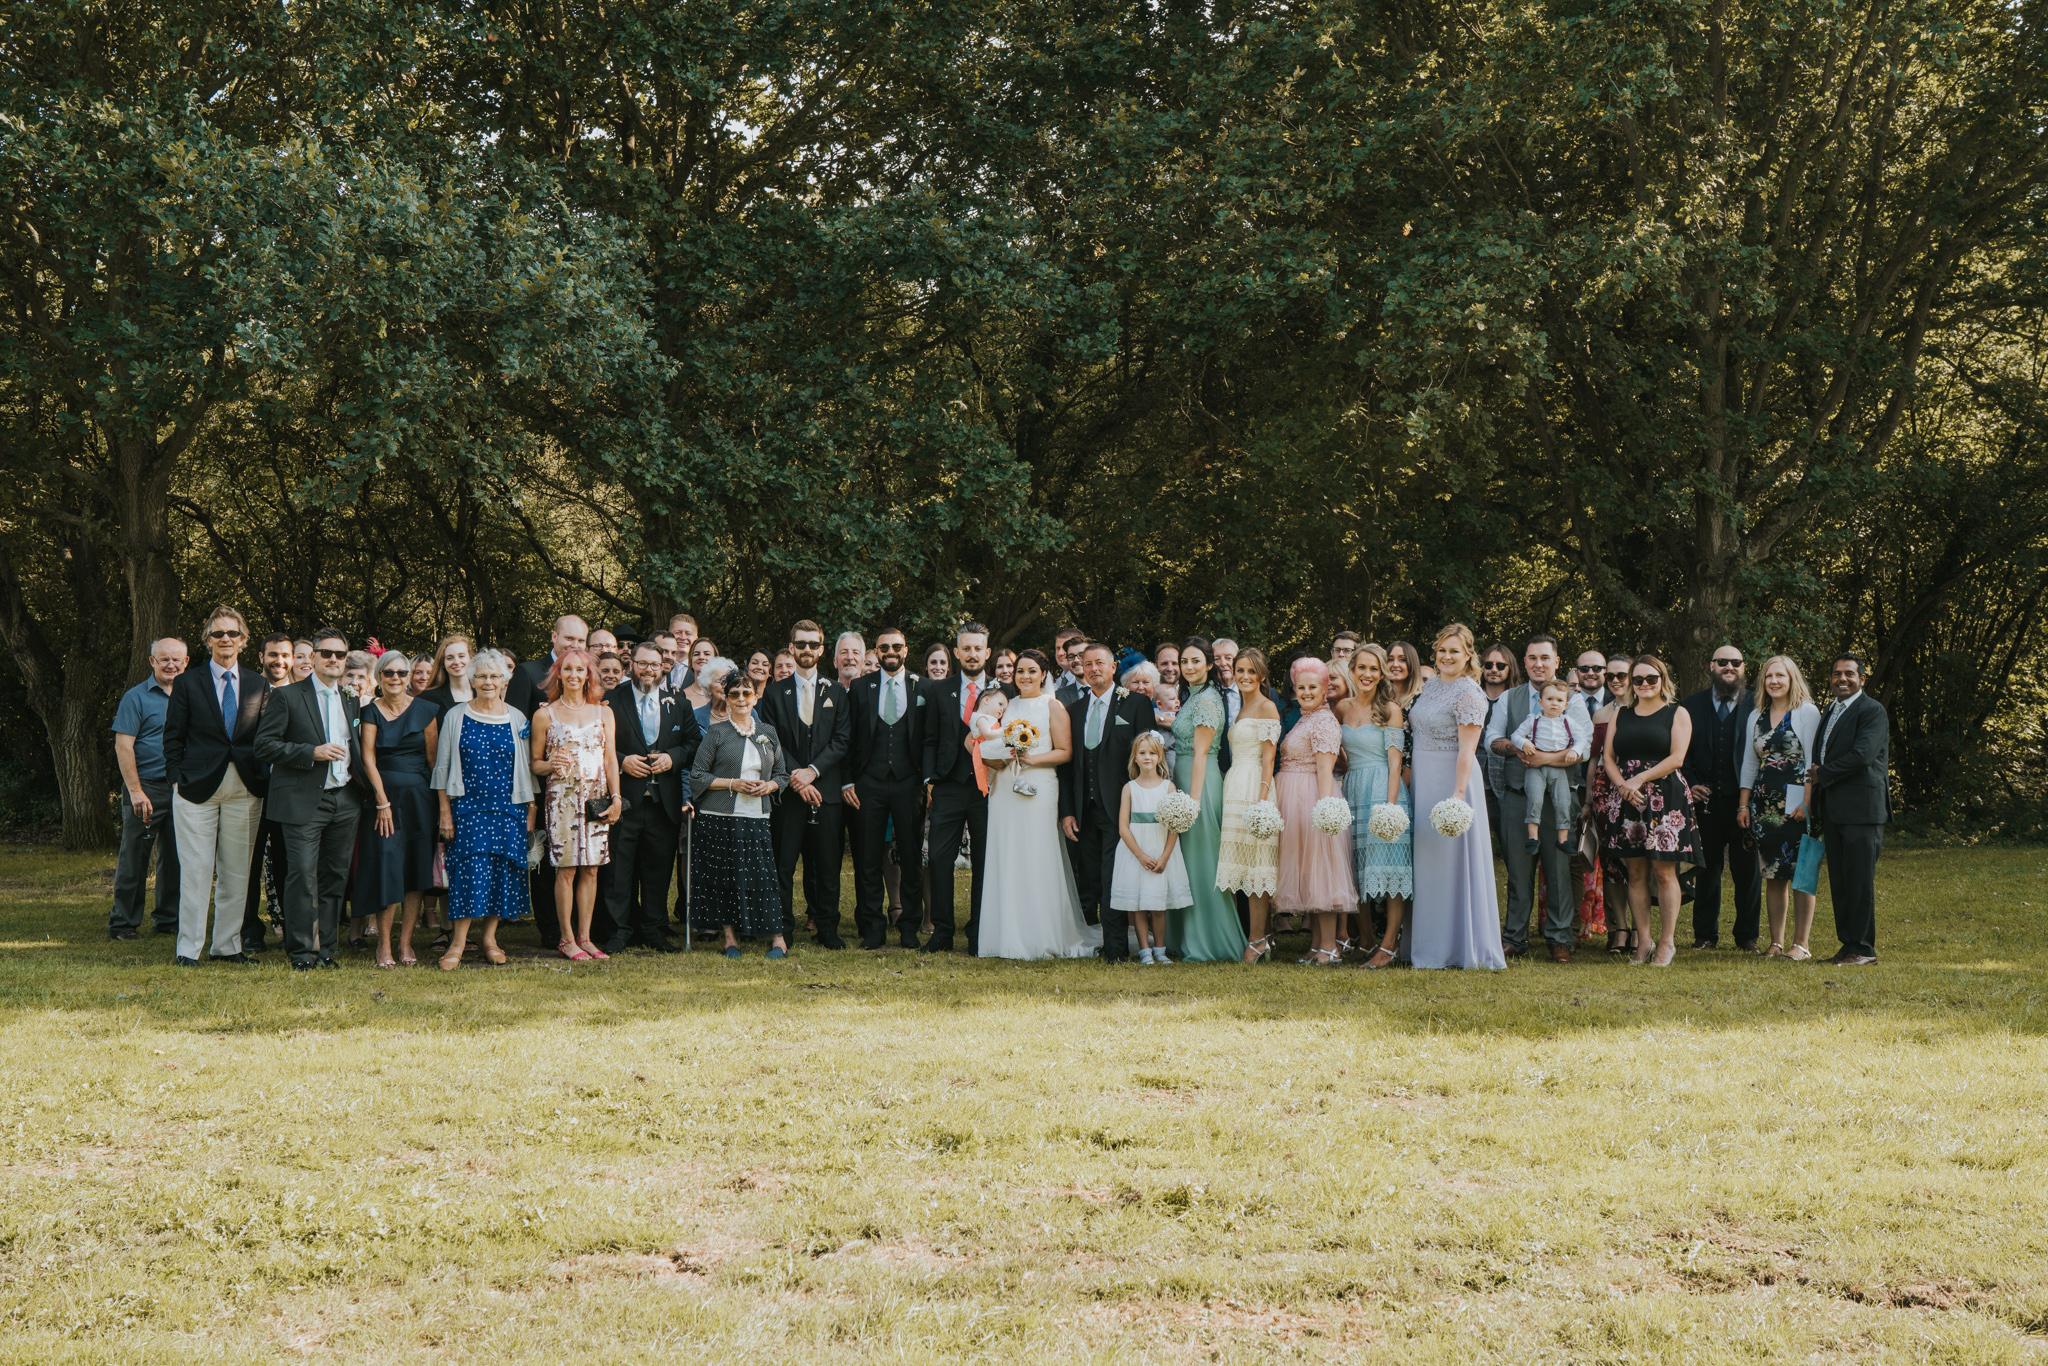 Joe-Tiffany-Colchester-Castle-Wedding-Essex-Grace-Elizabeth-Colchester-Essex-Alternative-Wedding-Photographer-Suffolk-Norfolk-Devon (80 of 122).jpg